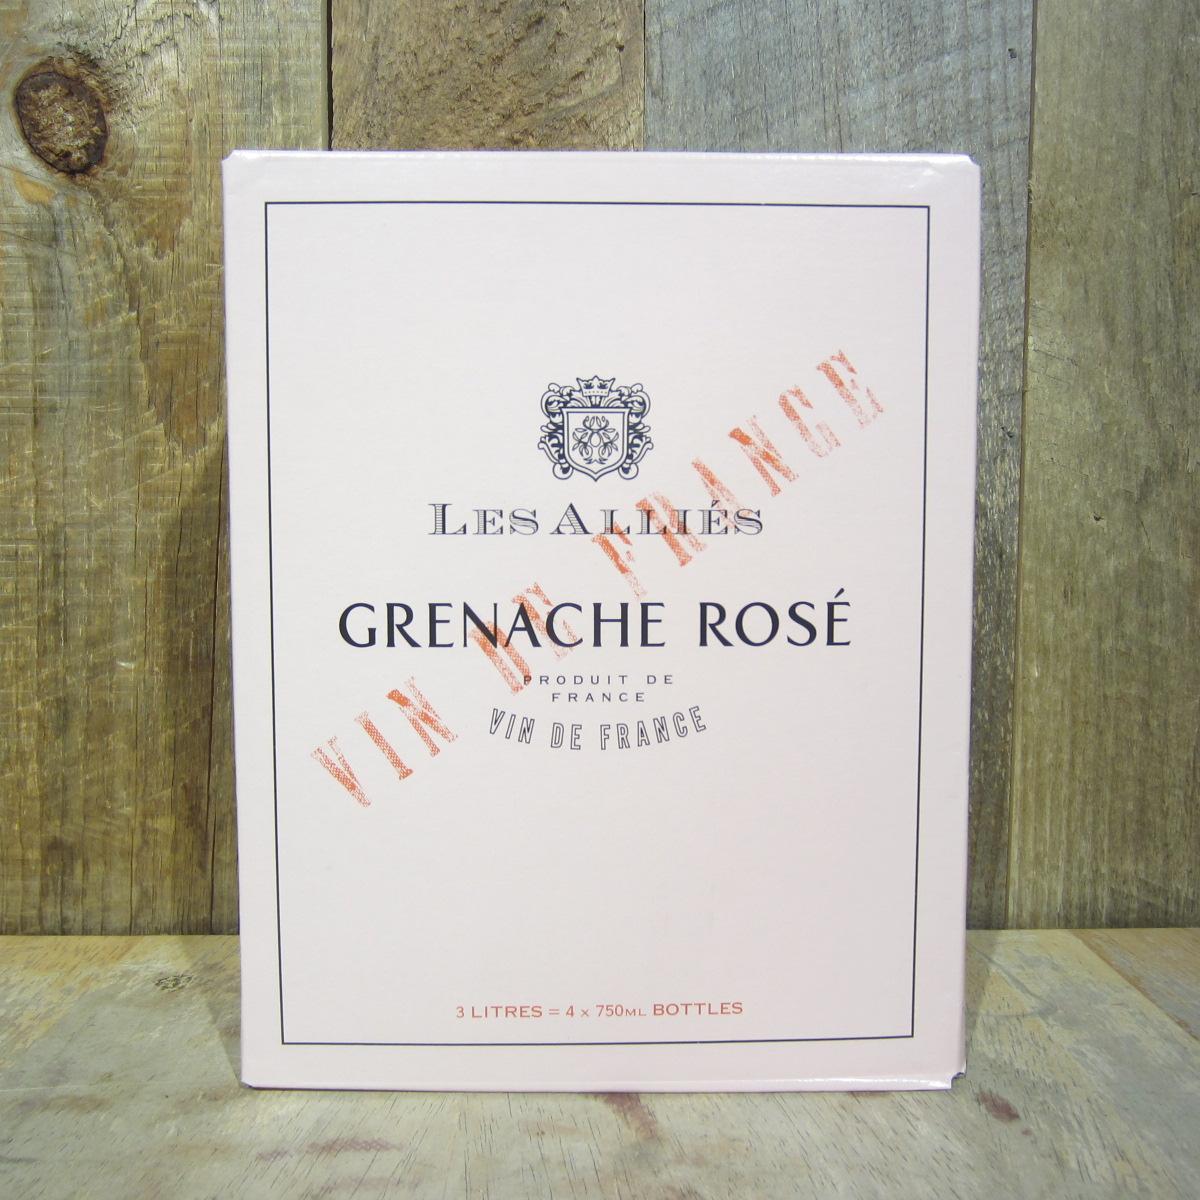 Les Allies Grenache Rose Box 3L